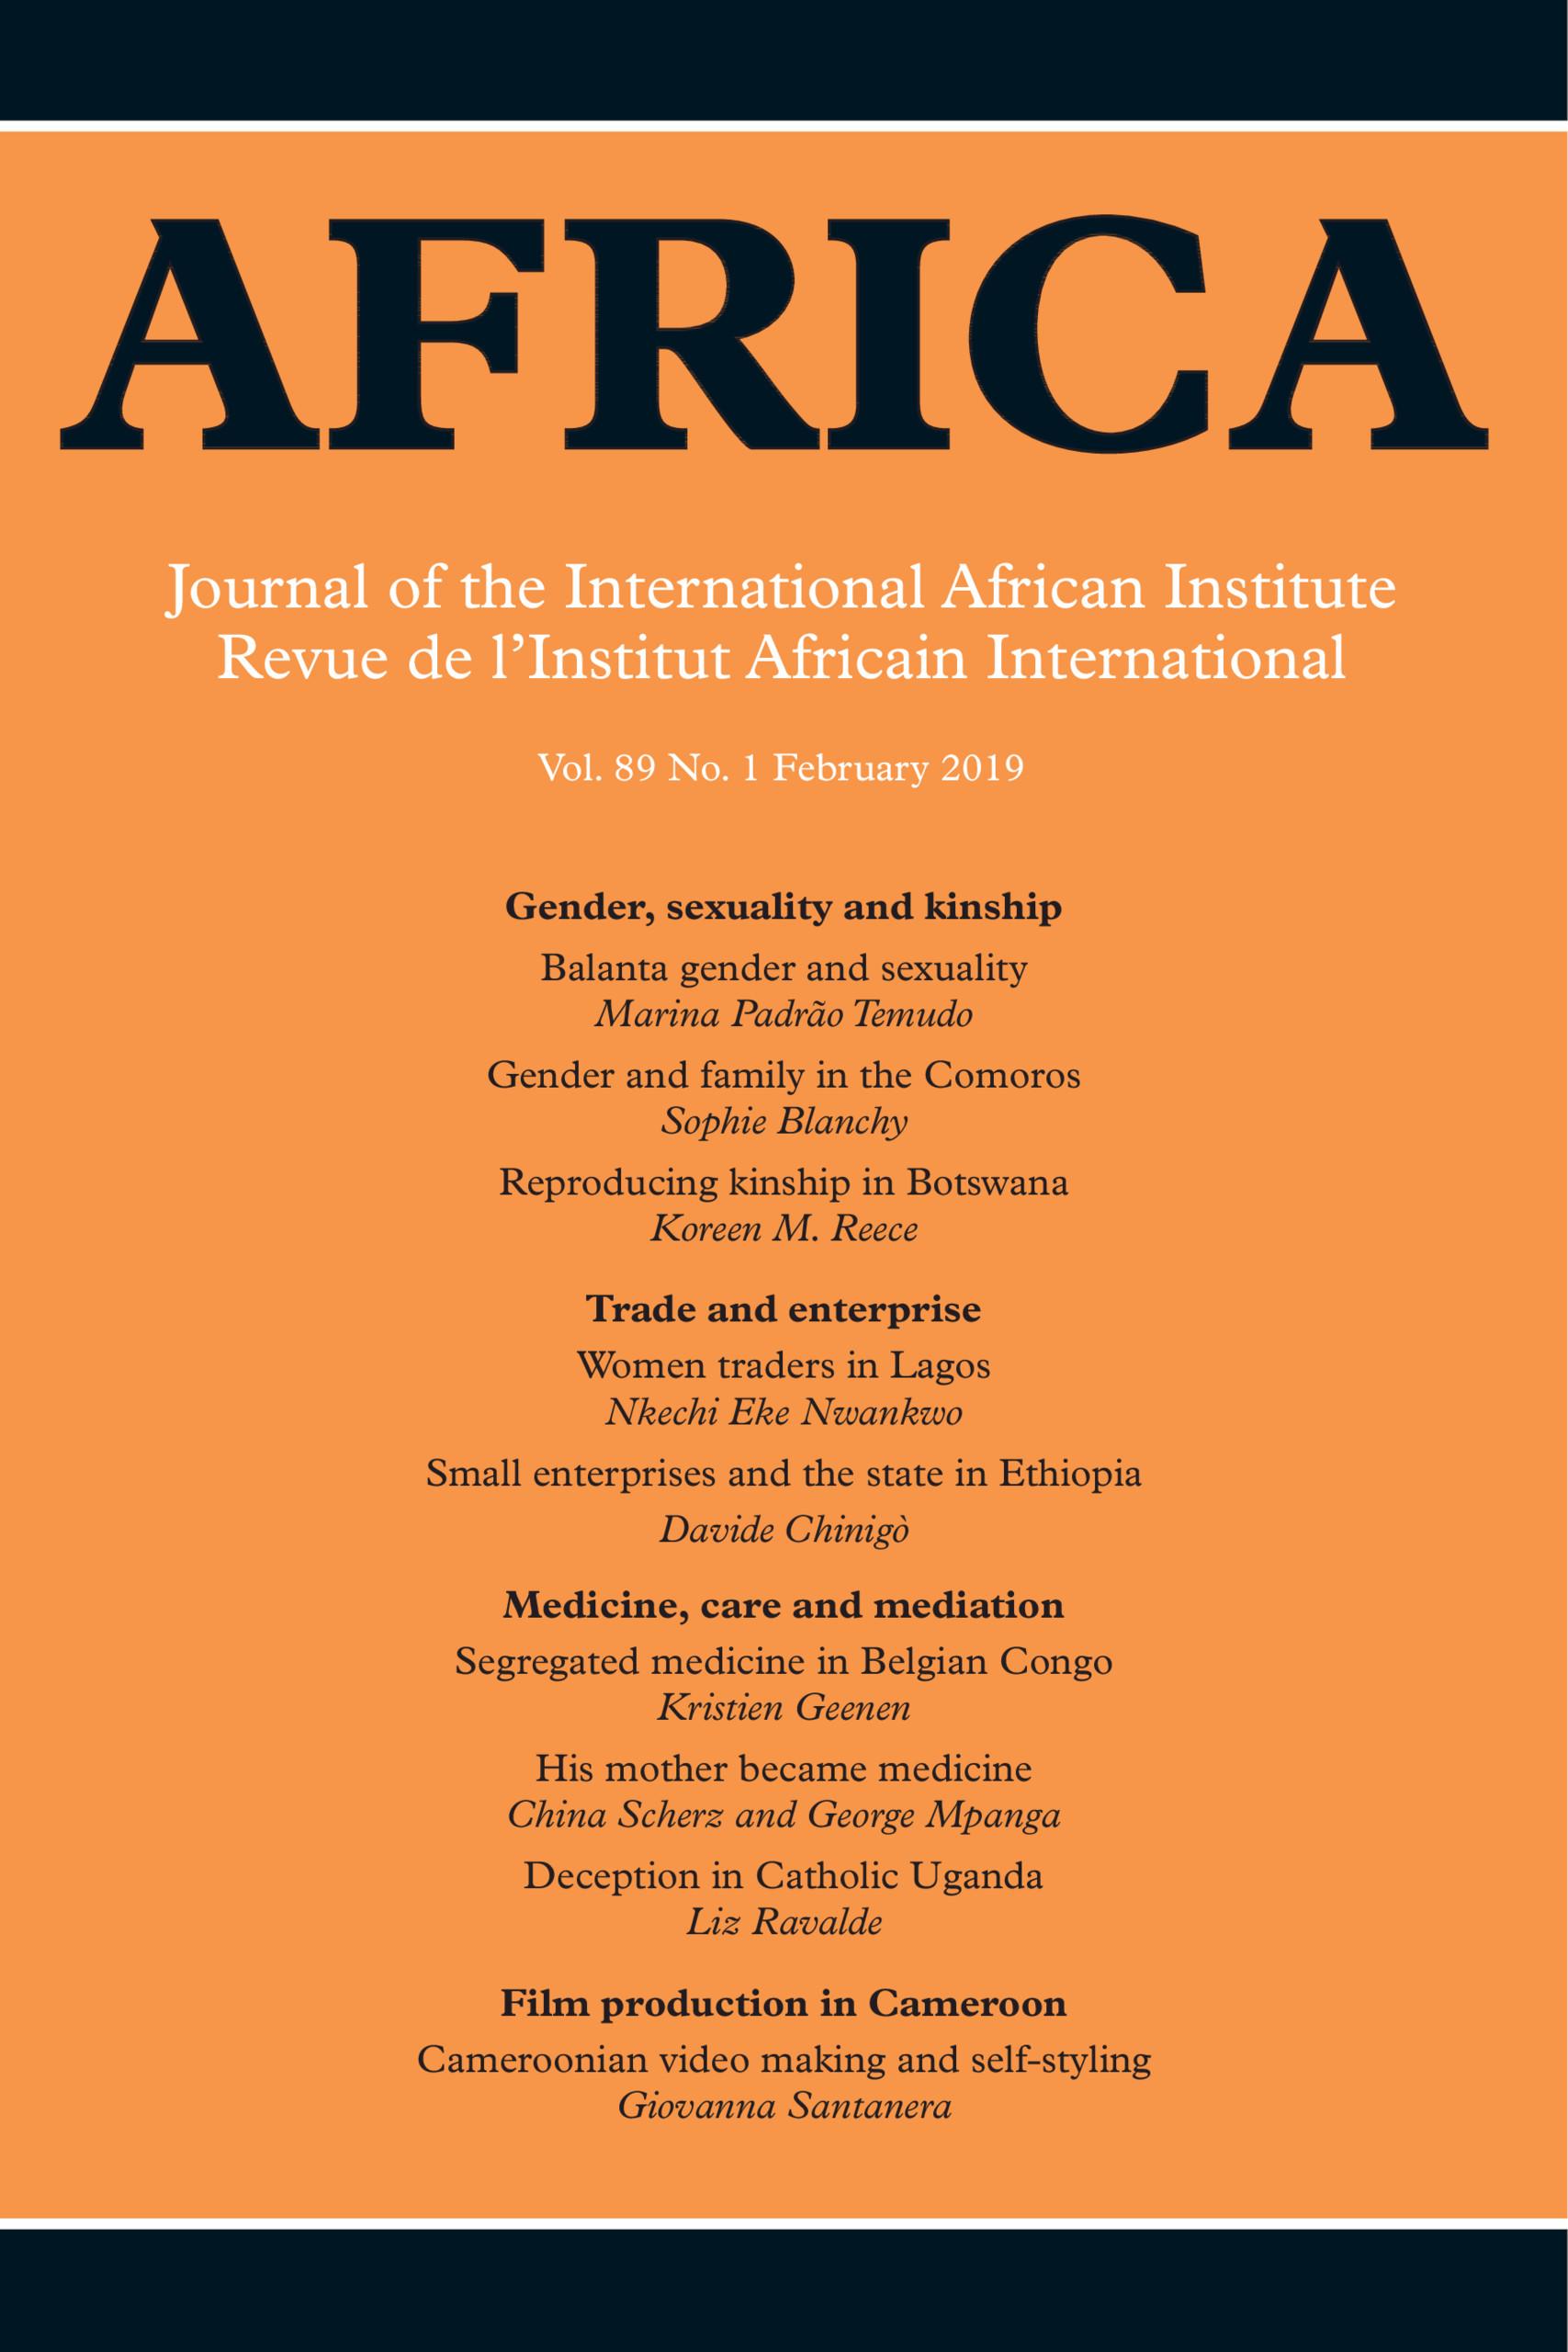 Africa: Volume 89 - Issue 1 | Cambridge Core